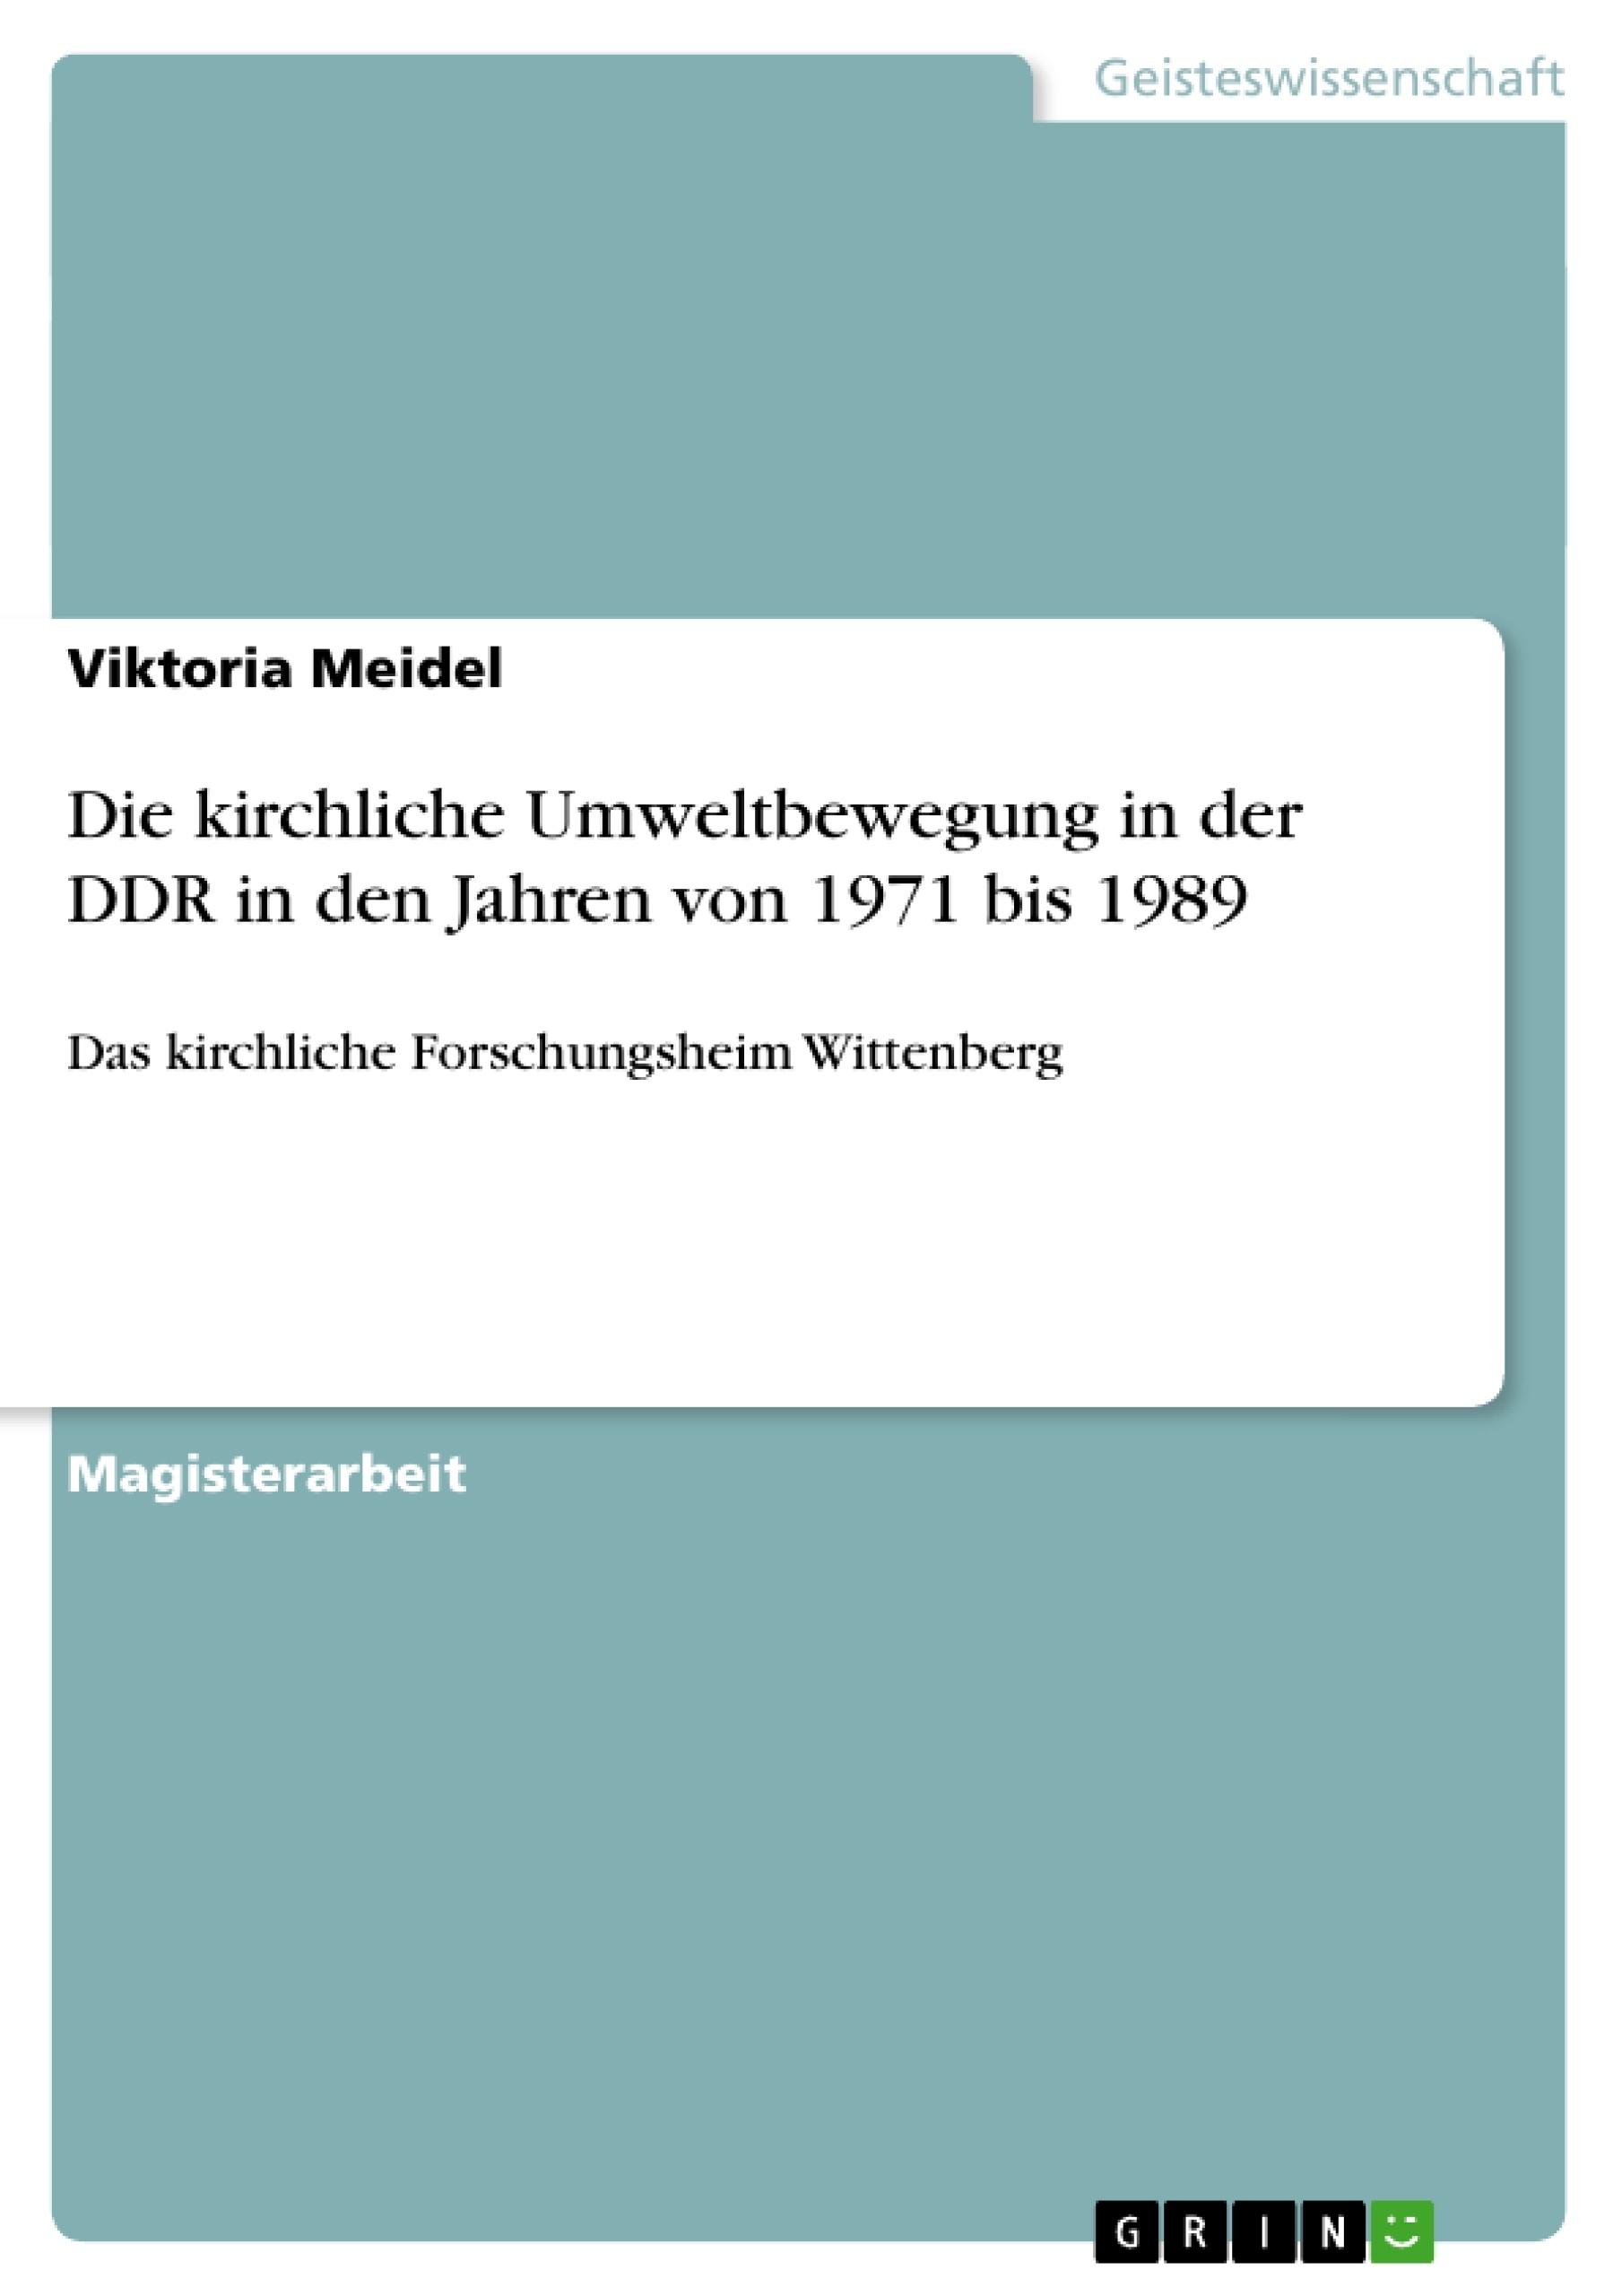 Titel: Die kirchliche Umweltbewegung in der DDR in den Jahren von 1971 bis 1989